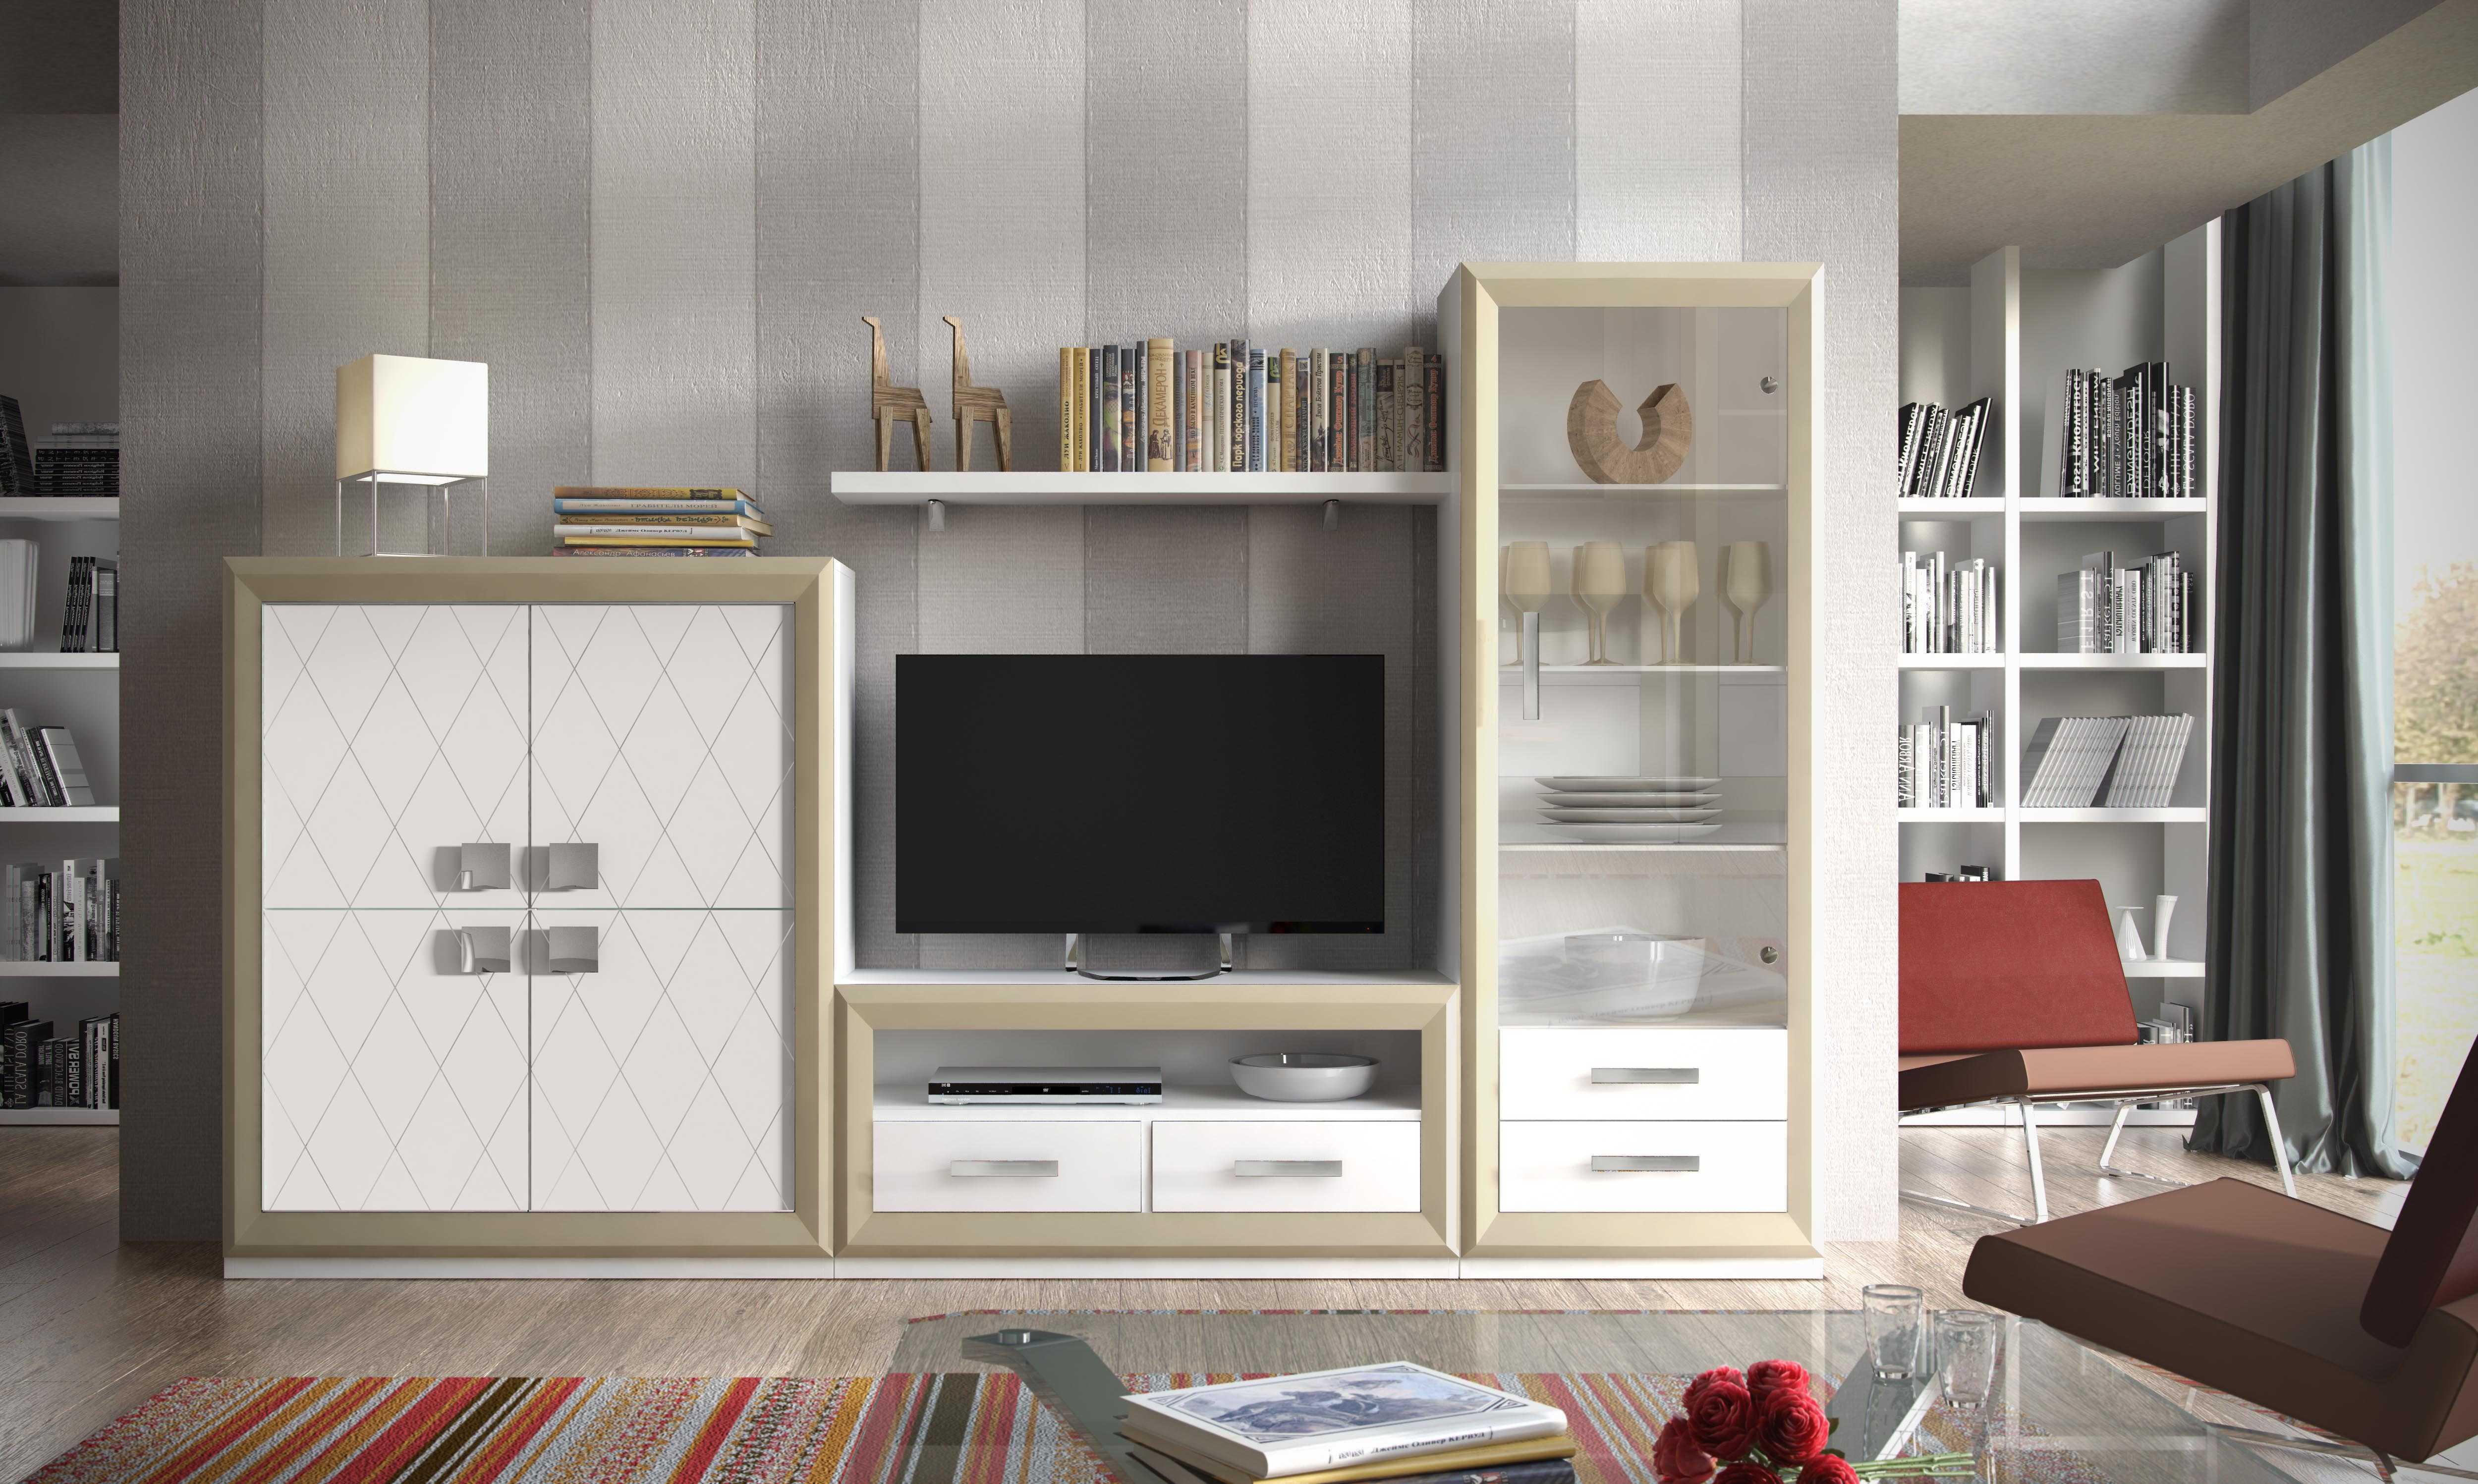 salon-contemporaneo-Claudia-muebles-paco-caballero-806-5cc6c11306ed4